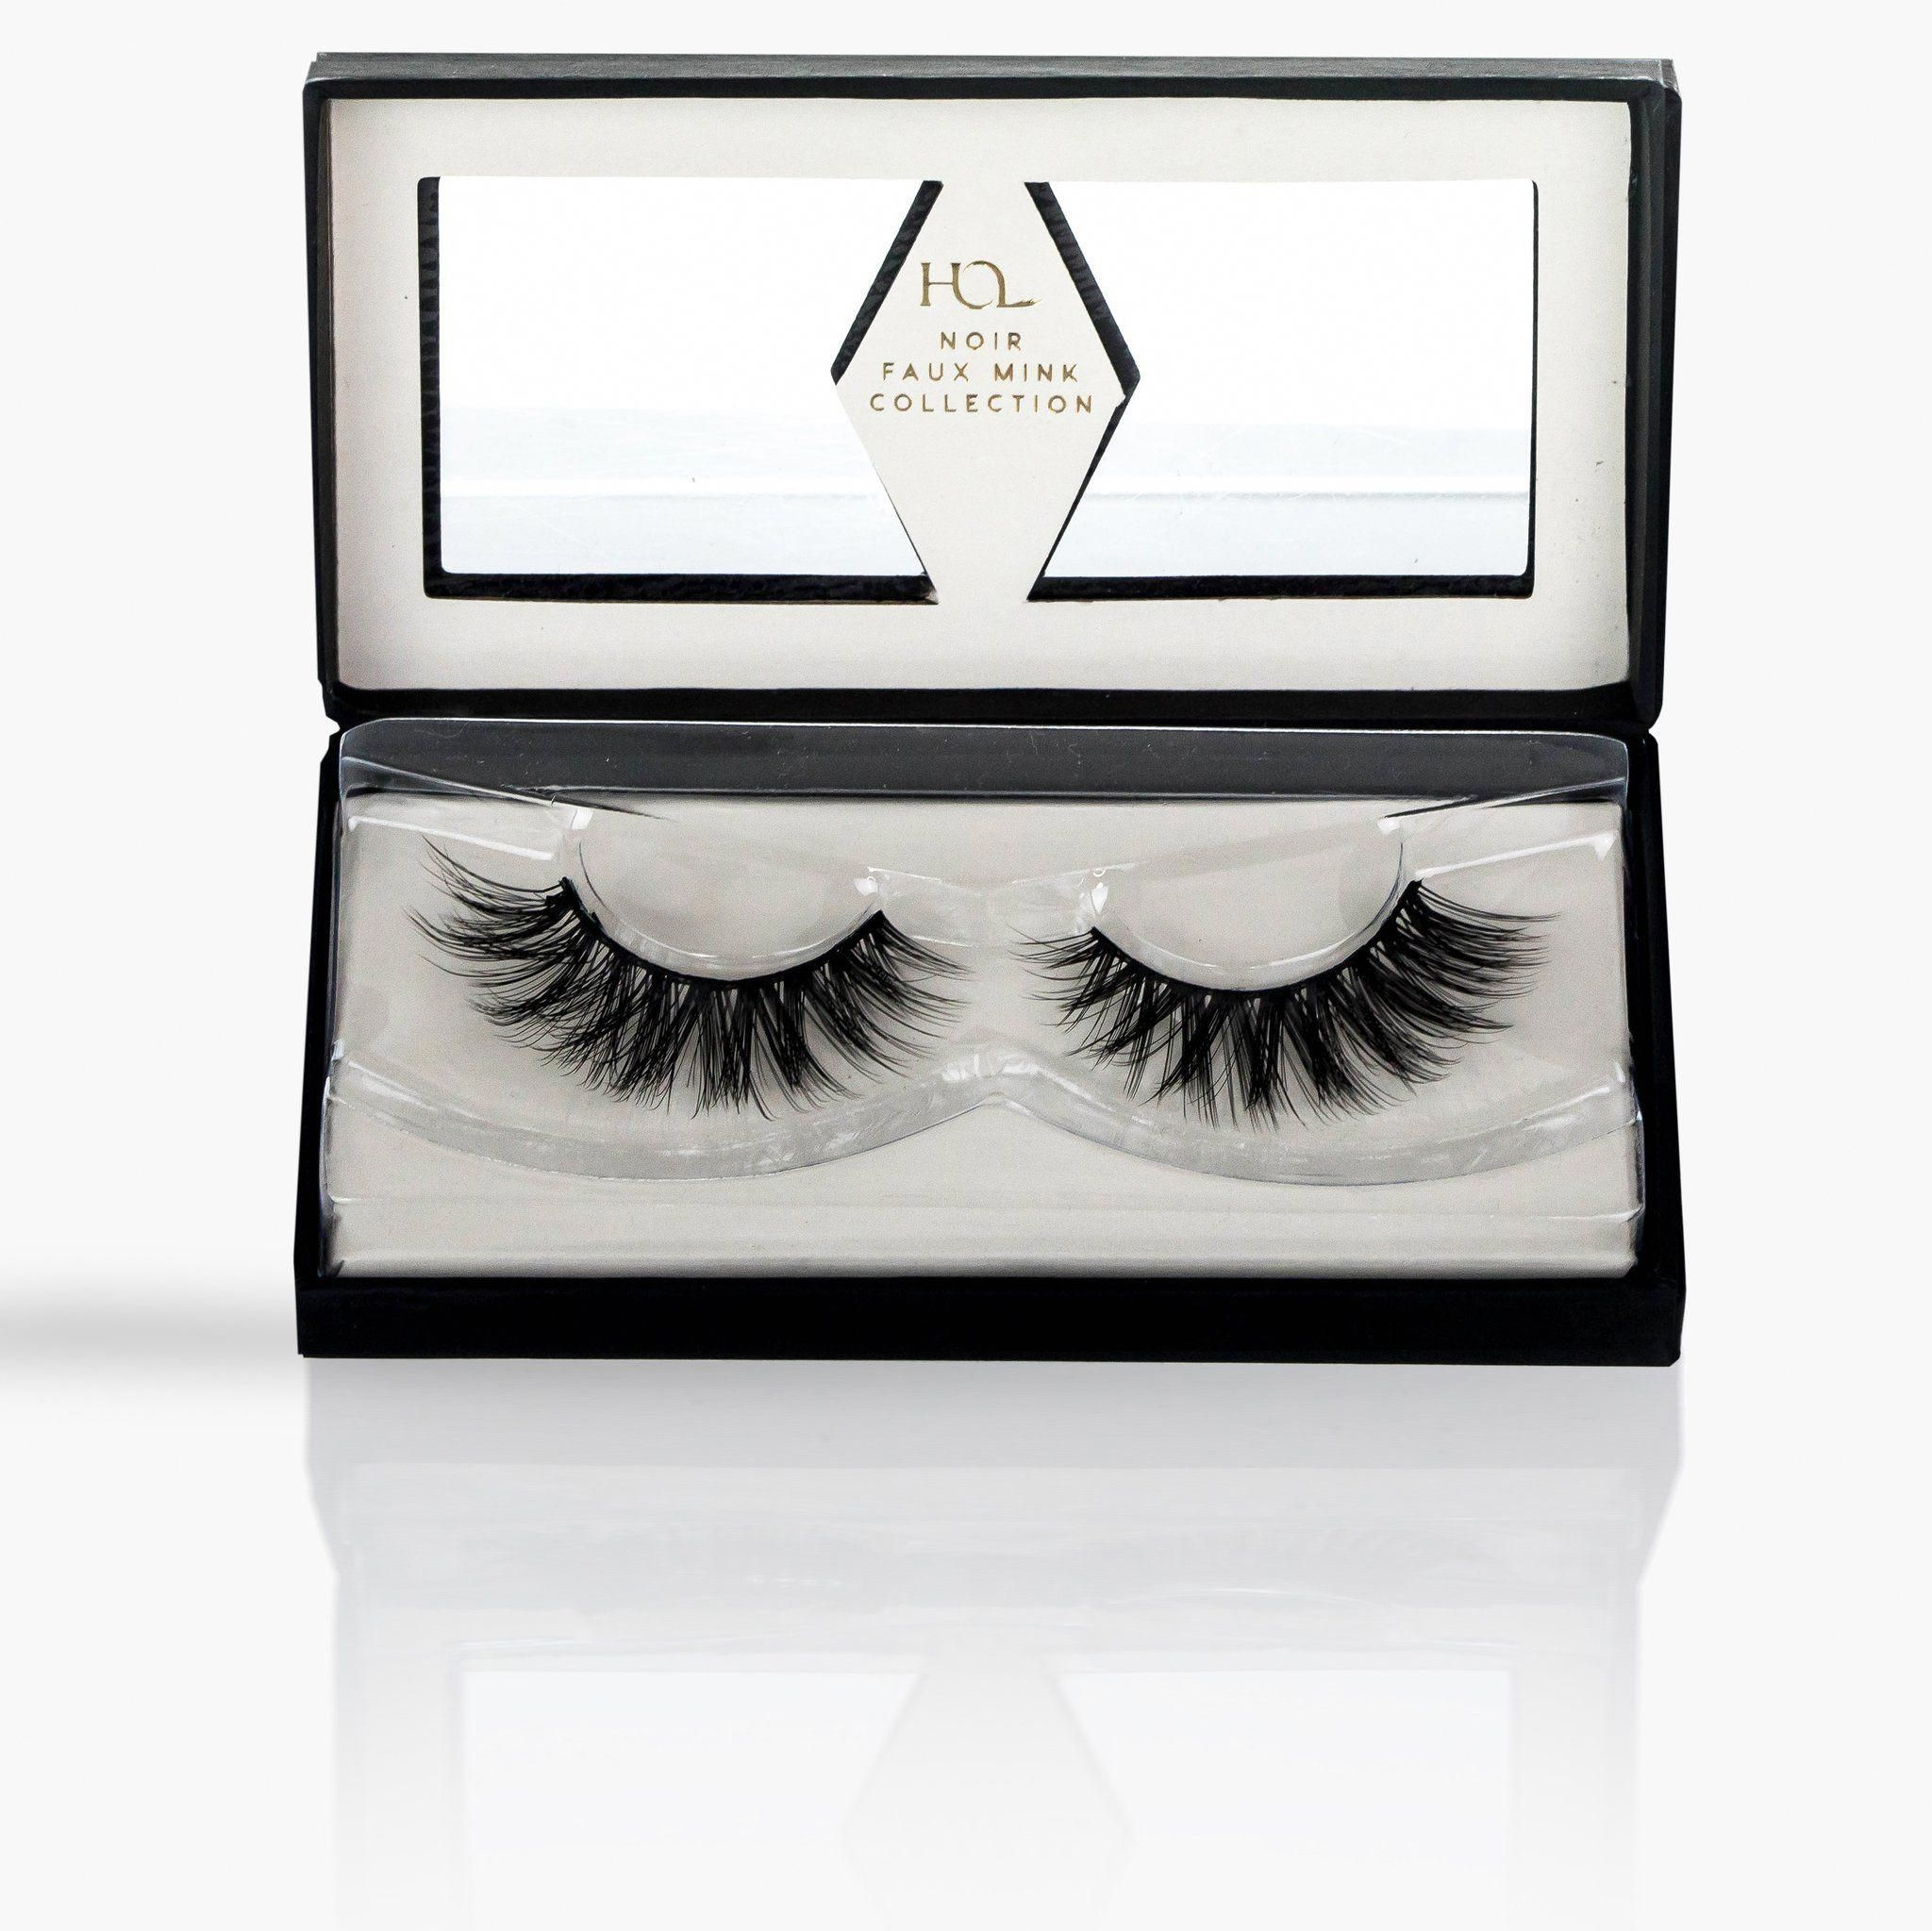 Posh Noir 1 Pack House of lashes, Eyelashes, Eye makeup